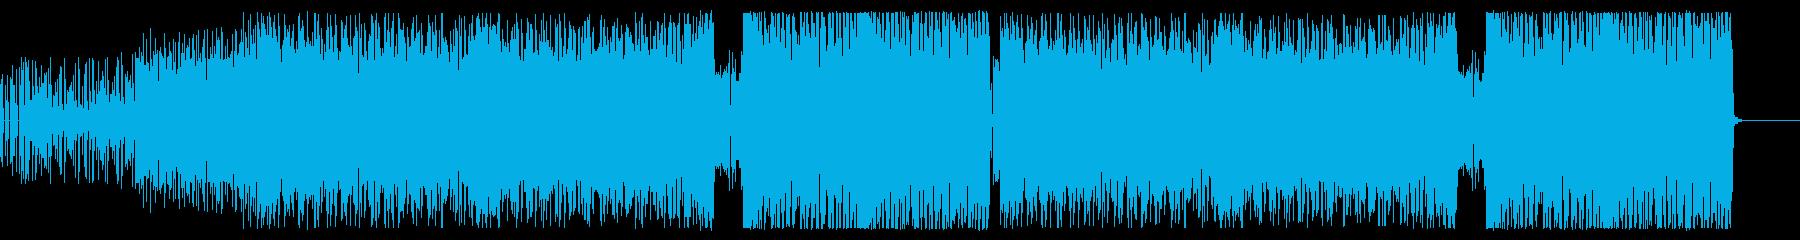 ファンキーで鋭いギターロックの再生済みの波形